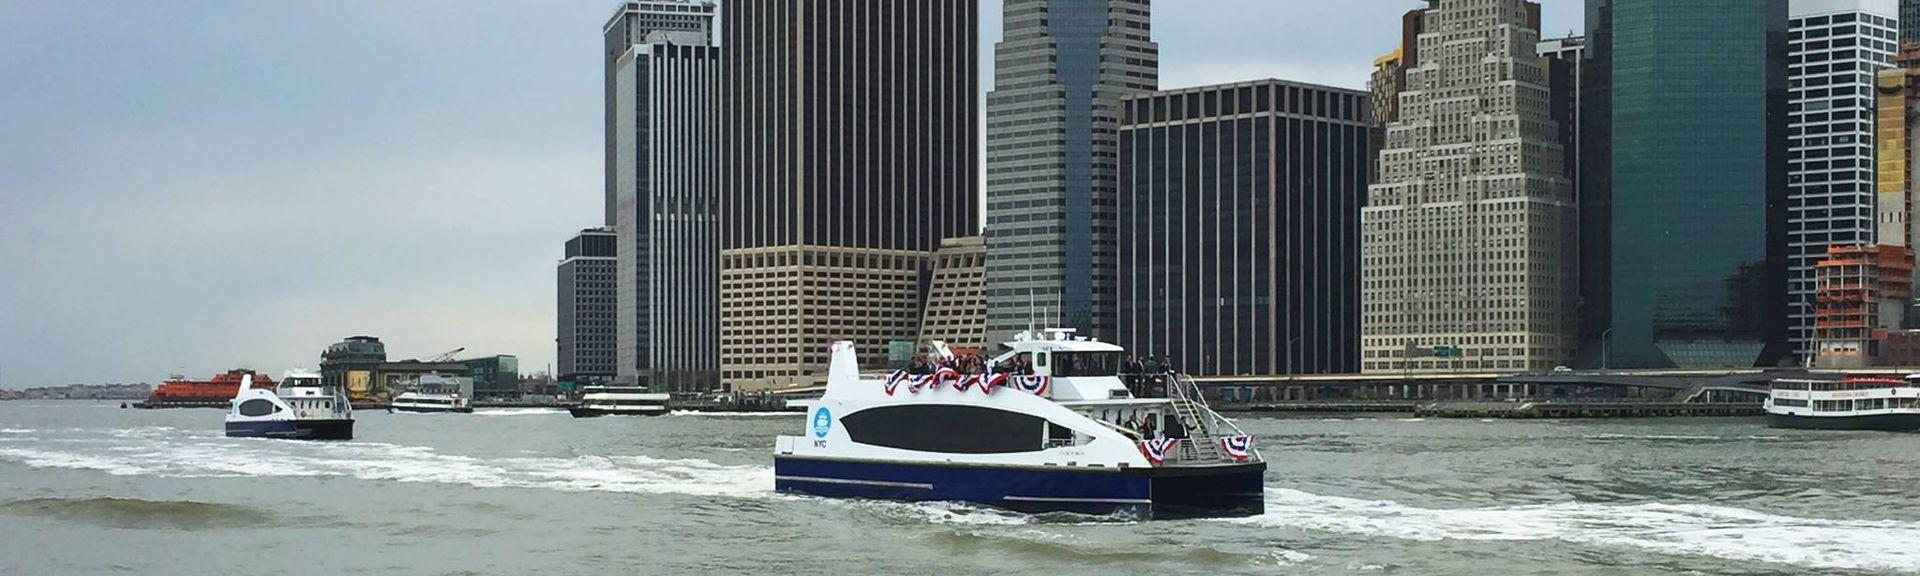 Oceanside, New York, Verenigde Staten